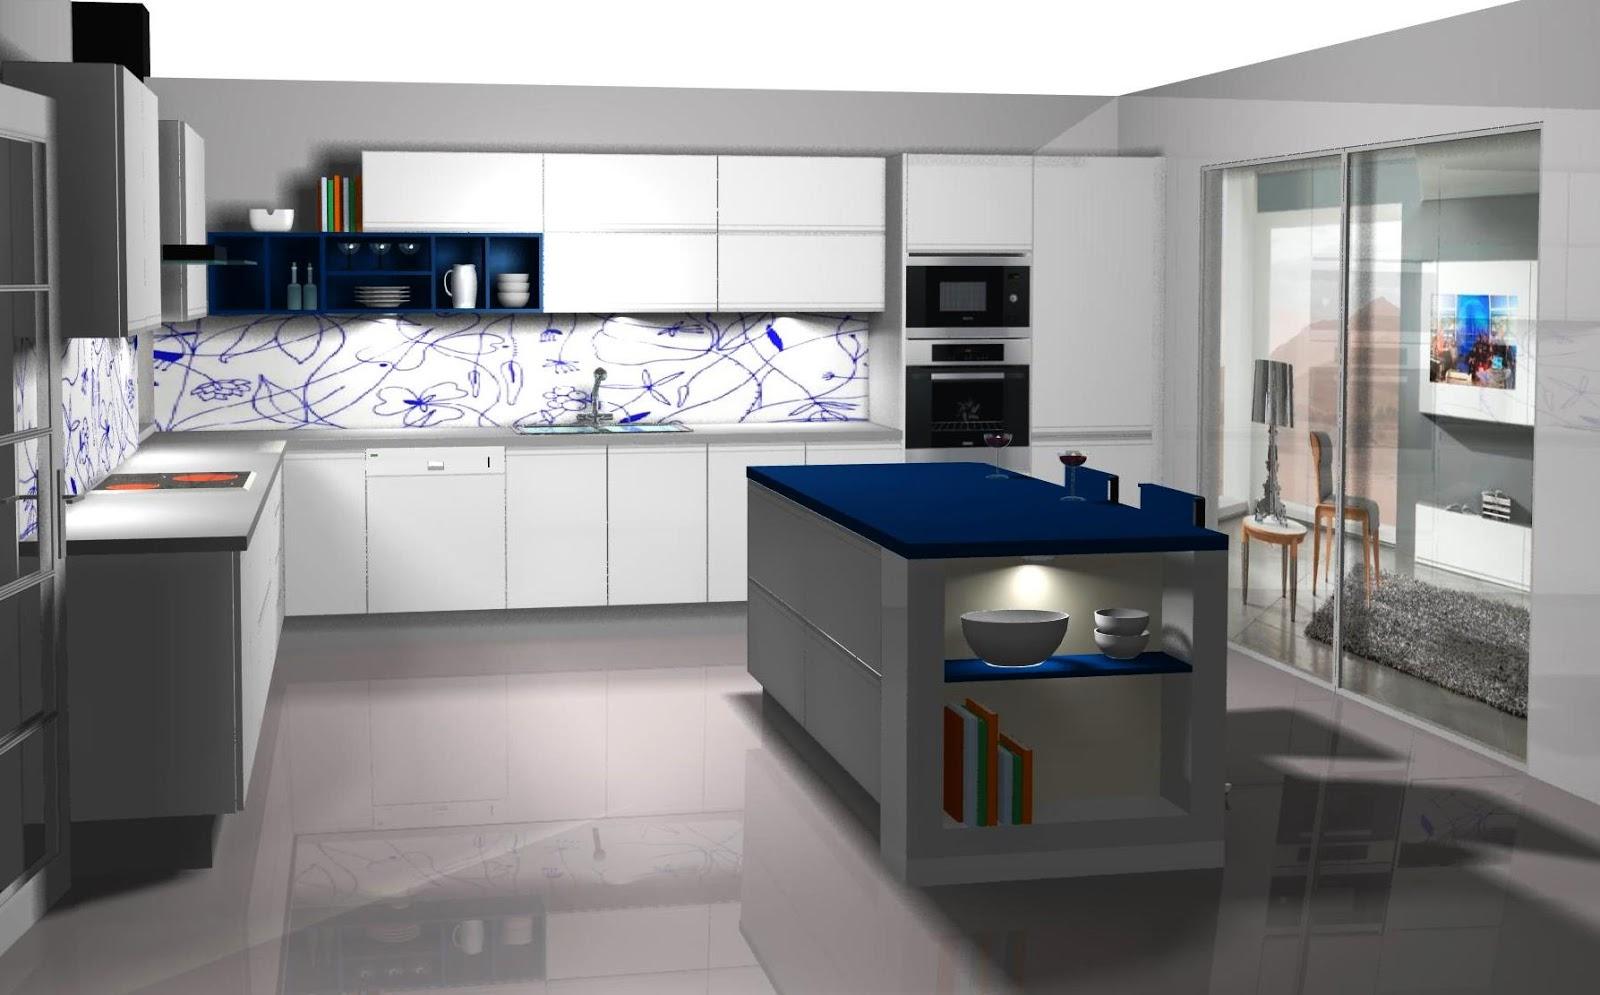 Dise o muebles de cocina dise o de cocina lacada en - Diseno para cocina ...